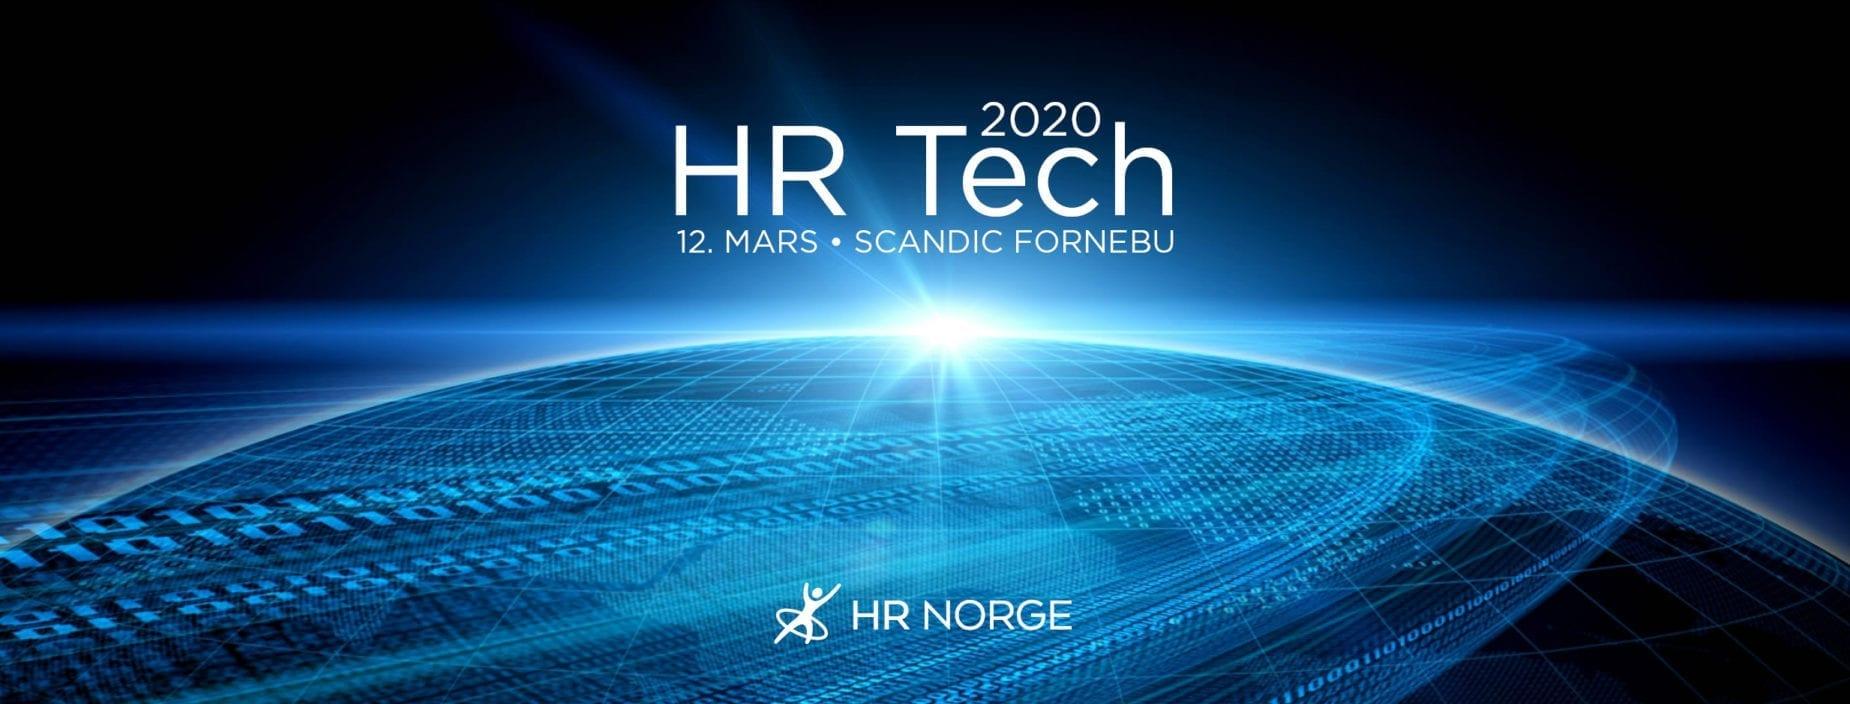 HR Tech 2020